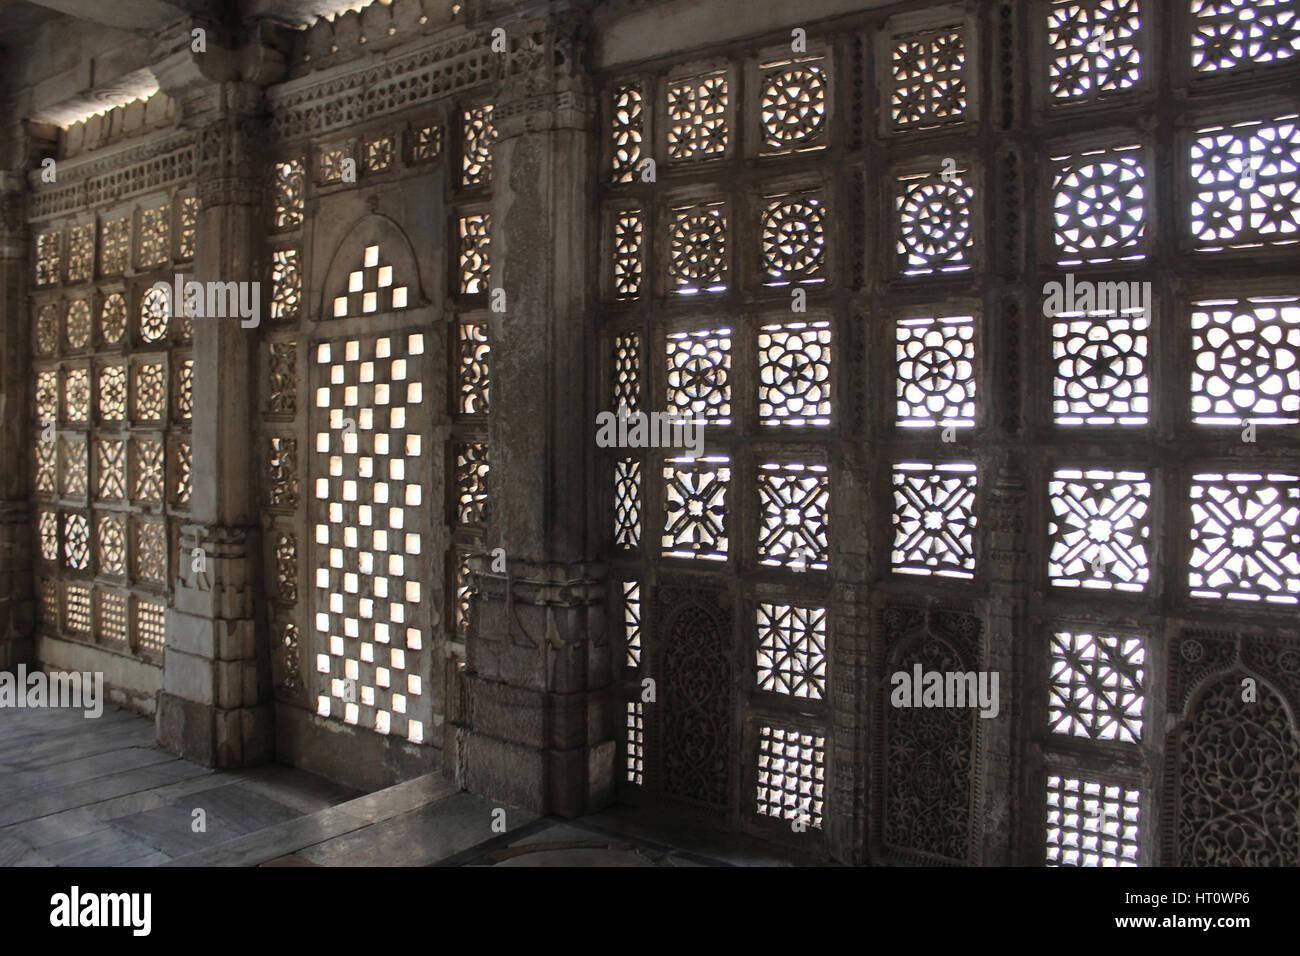 Stone jali work. Indo-Saracenic architectural style, Makarba. Sarkhej Roza, Ahmedabad, Gujarat India - Stock Image